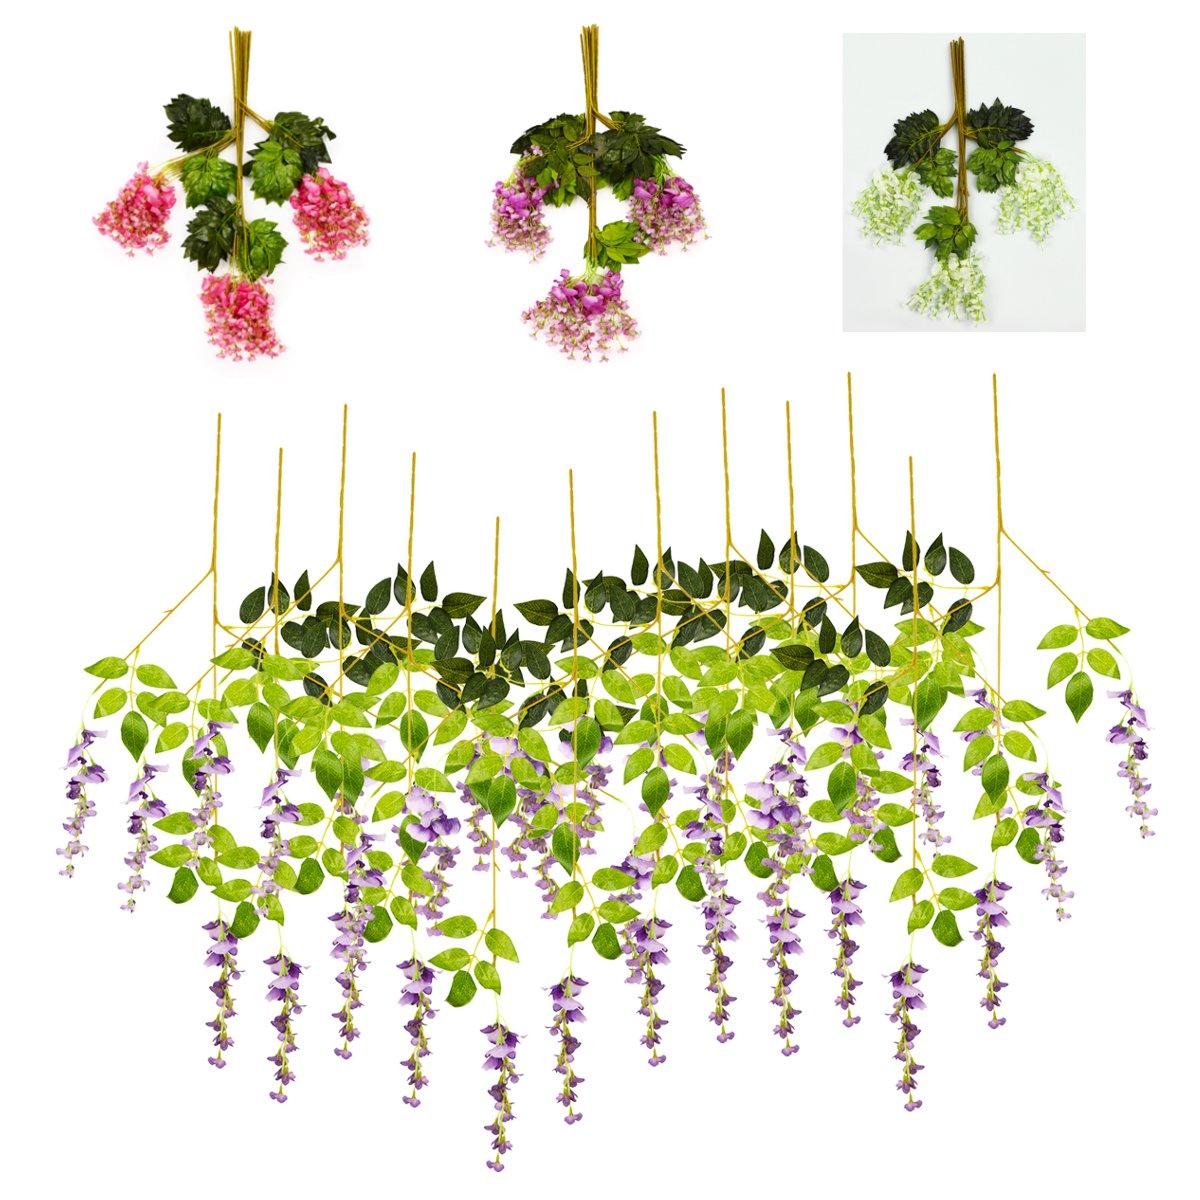 12штИскусственныйшелковыйцветокВистерия Вина Висячие Гарланд Сад Свадебное Украшения